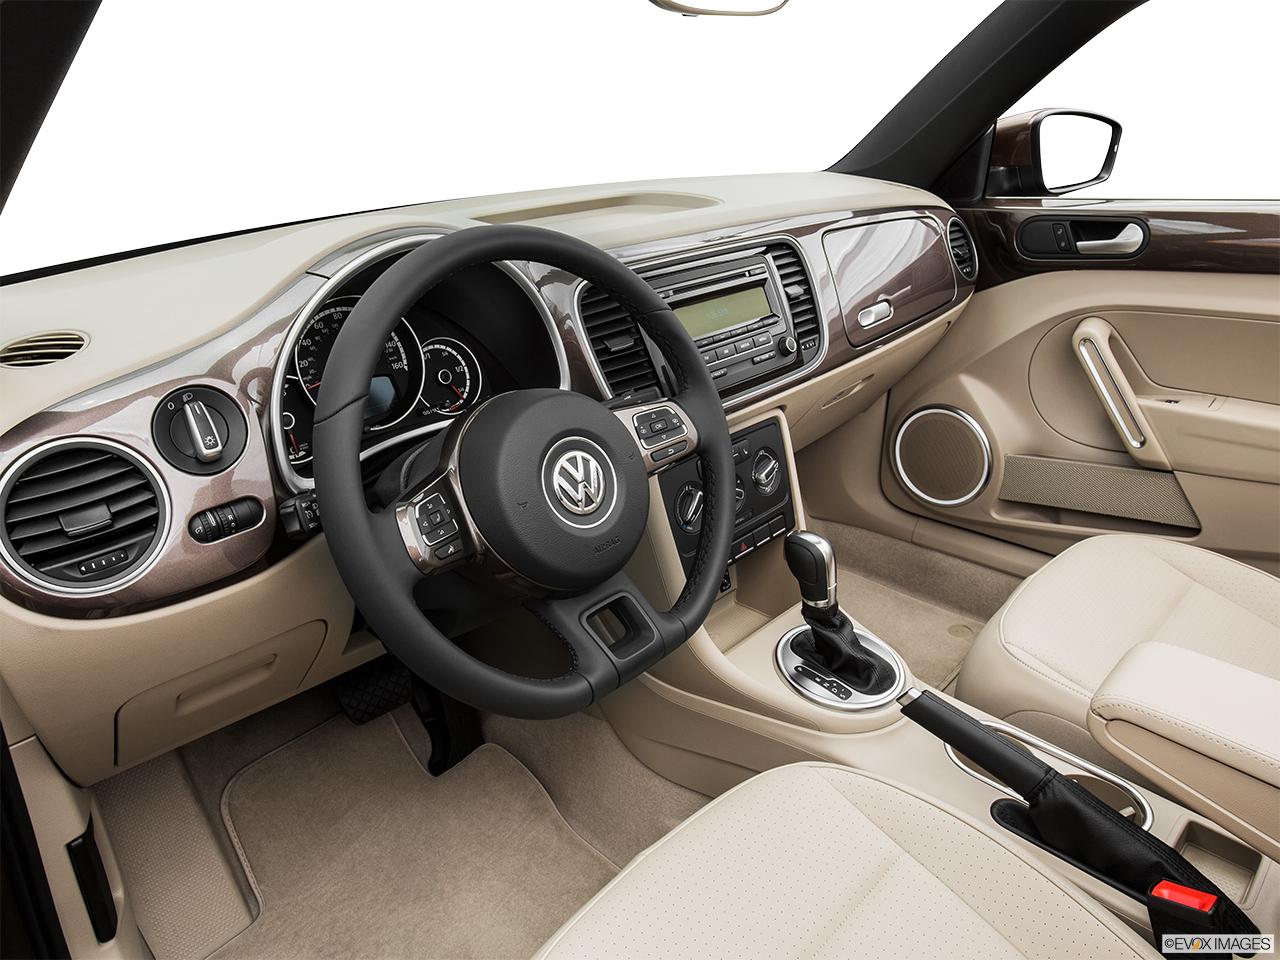 2015 Volkswagen Beetle Convertible 2 Door Auto 1.8T w/Tech - Interior Hero ( & 10240_st1280_163.jpg